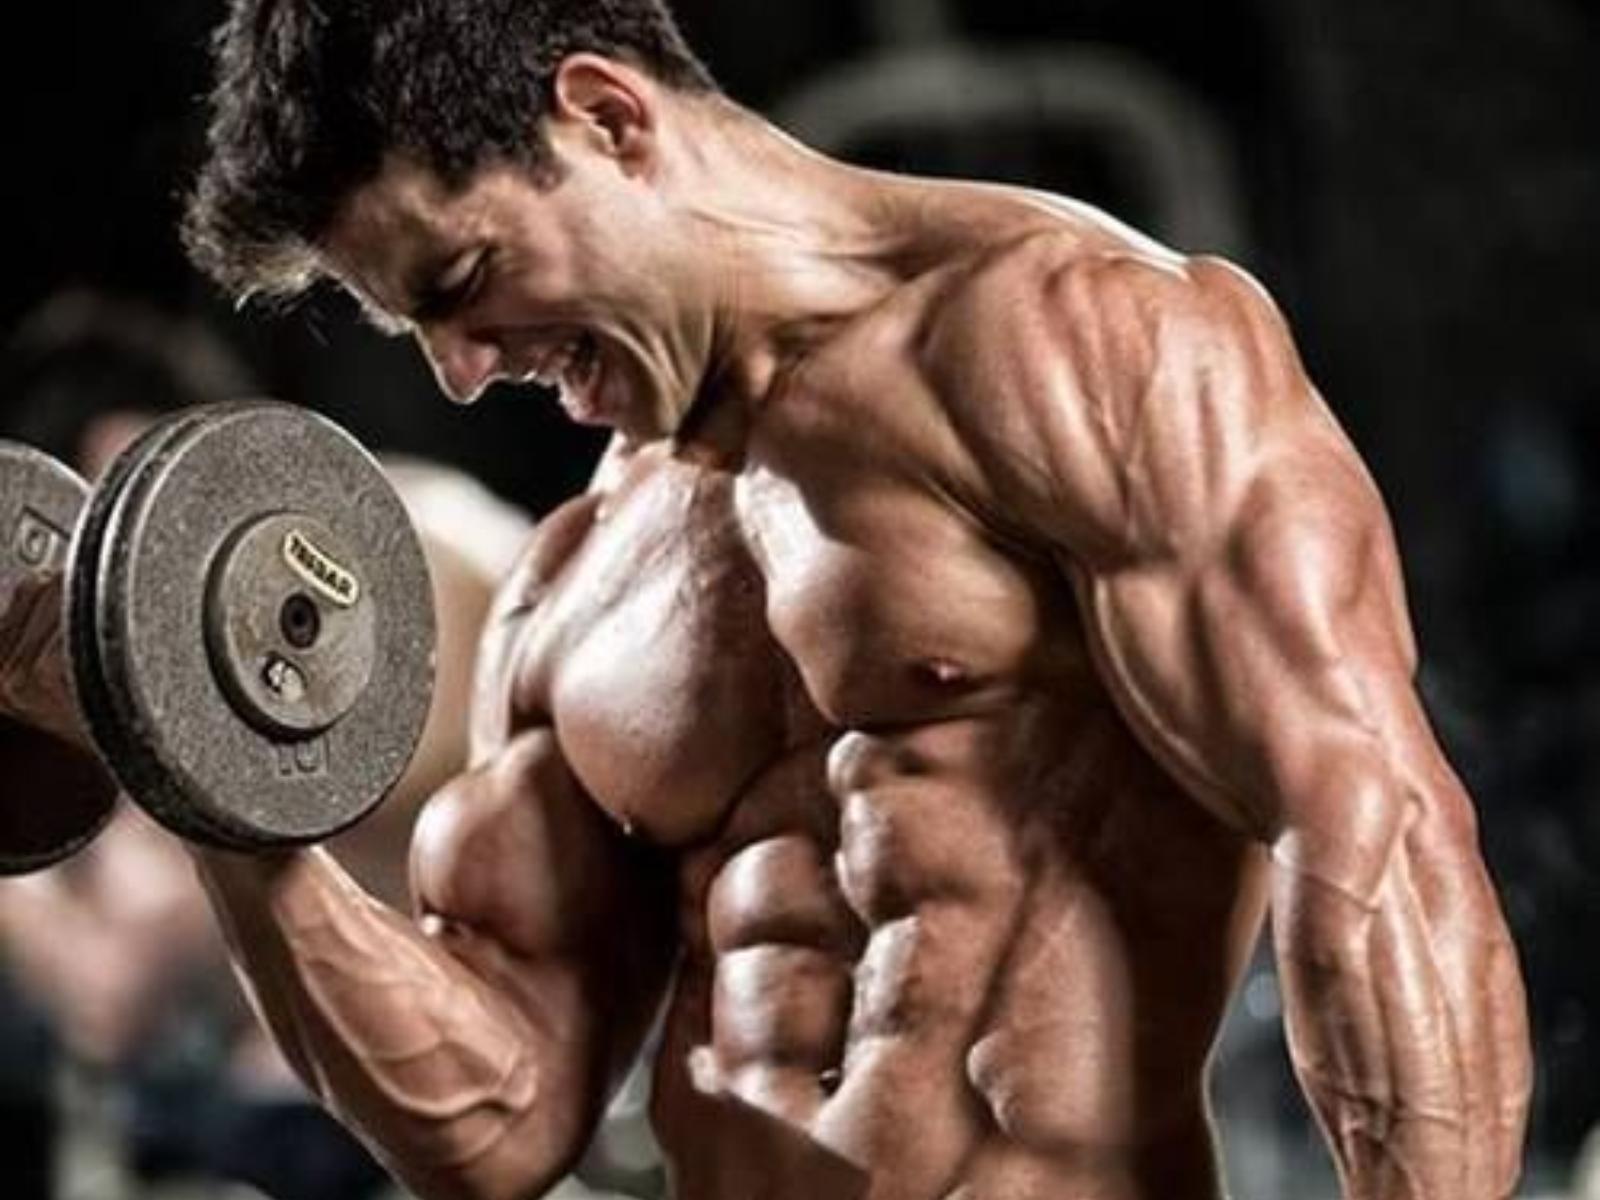 搞懂腹部肌肉分成幾種線?才能事半功倍練出馬甲線!